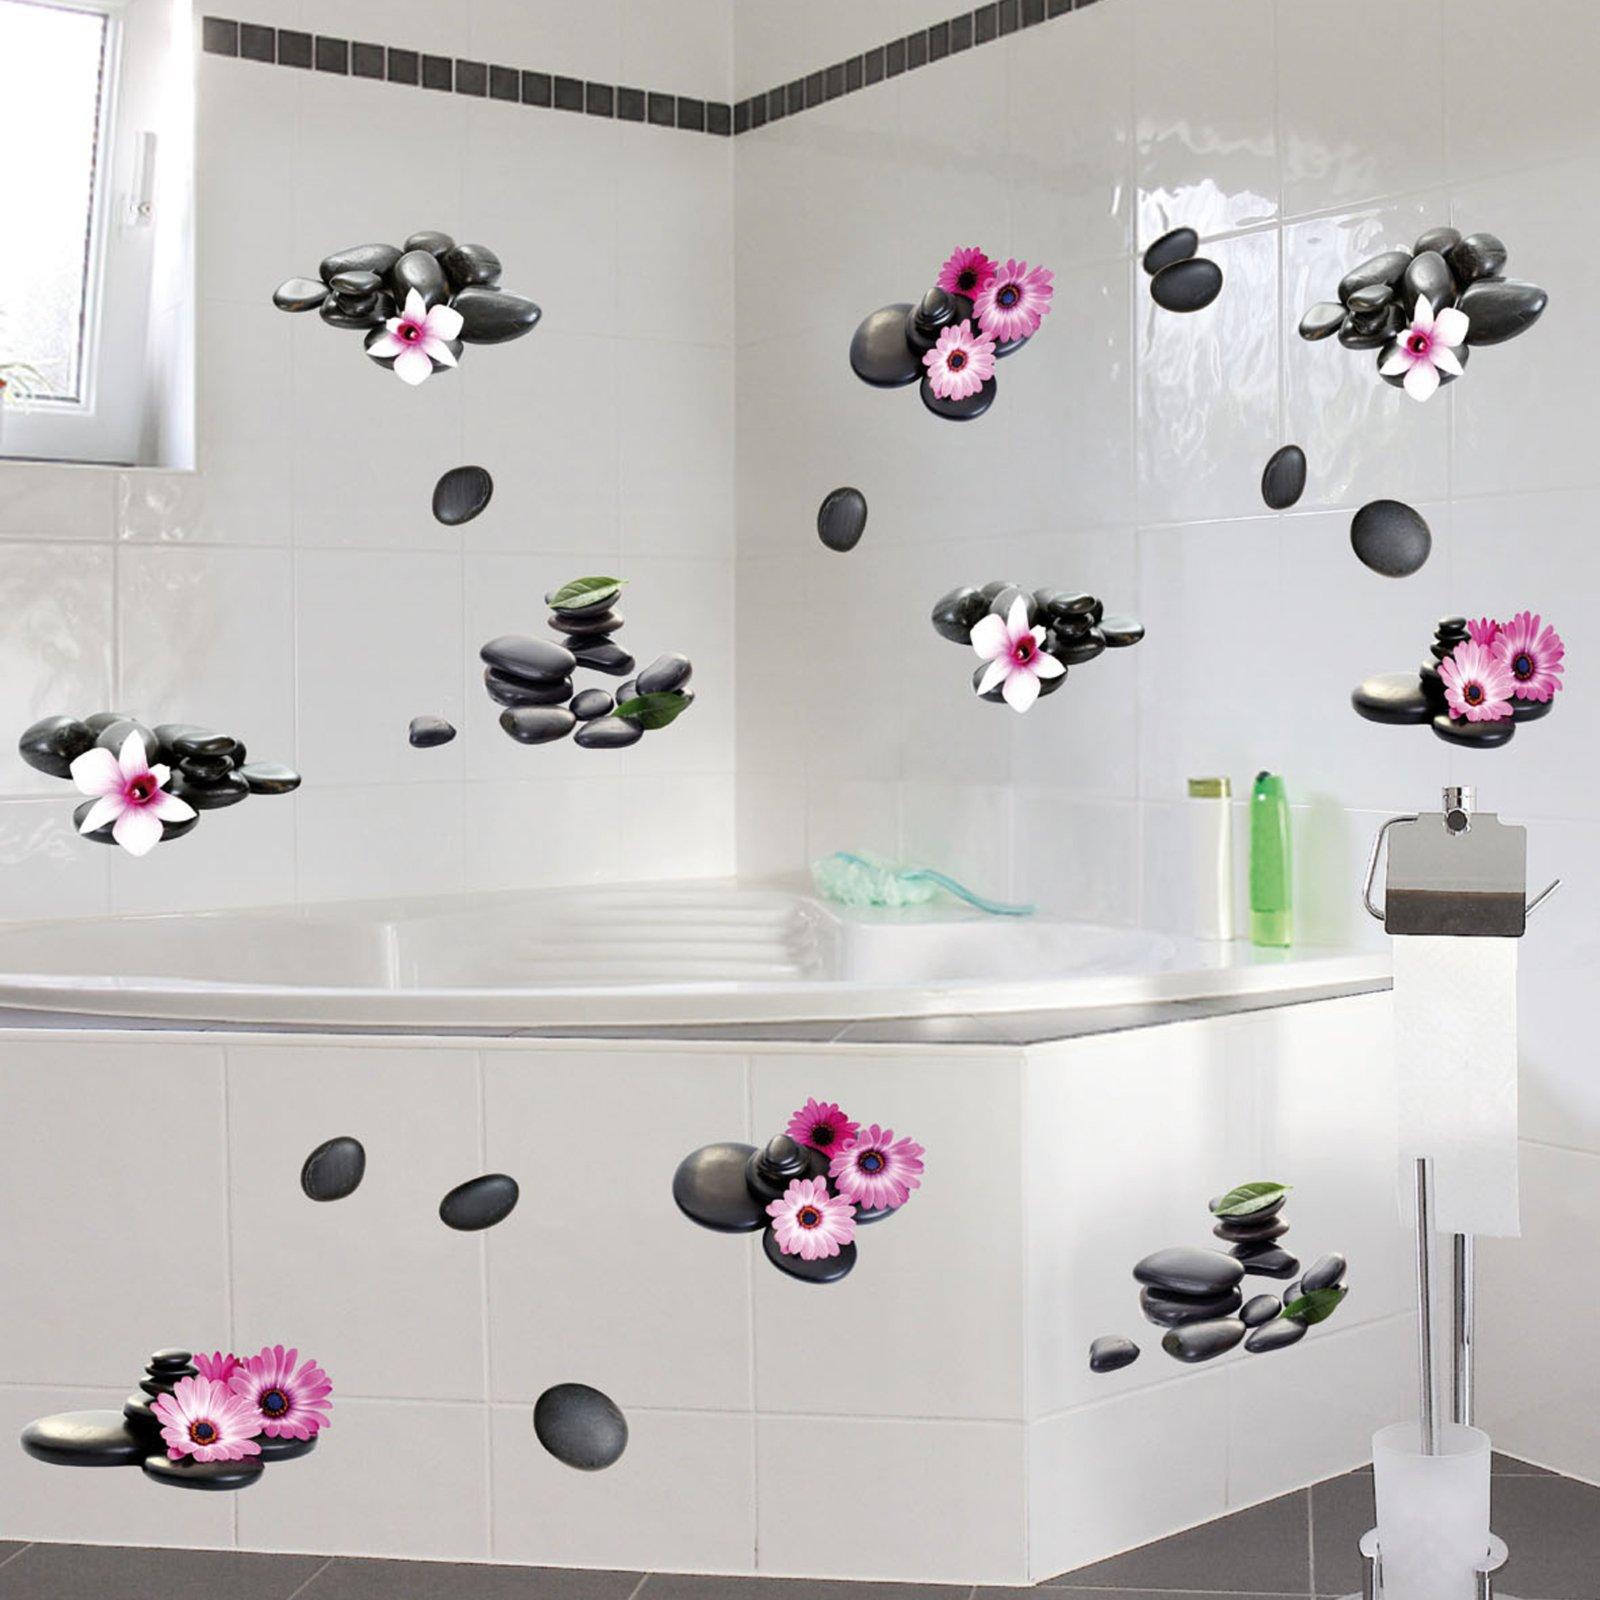 wandtattoo steine selbstklebend wandtattoos tapeten borten renovieren roller m belhaus. Black Bedroom Furniture Sets. Home Design Ideas